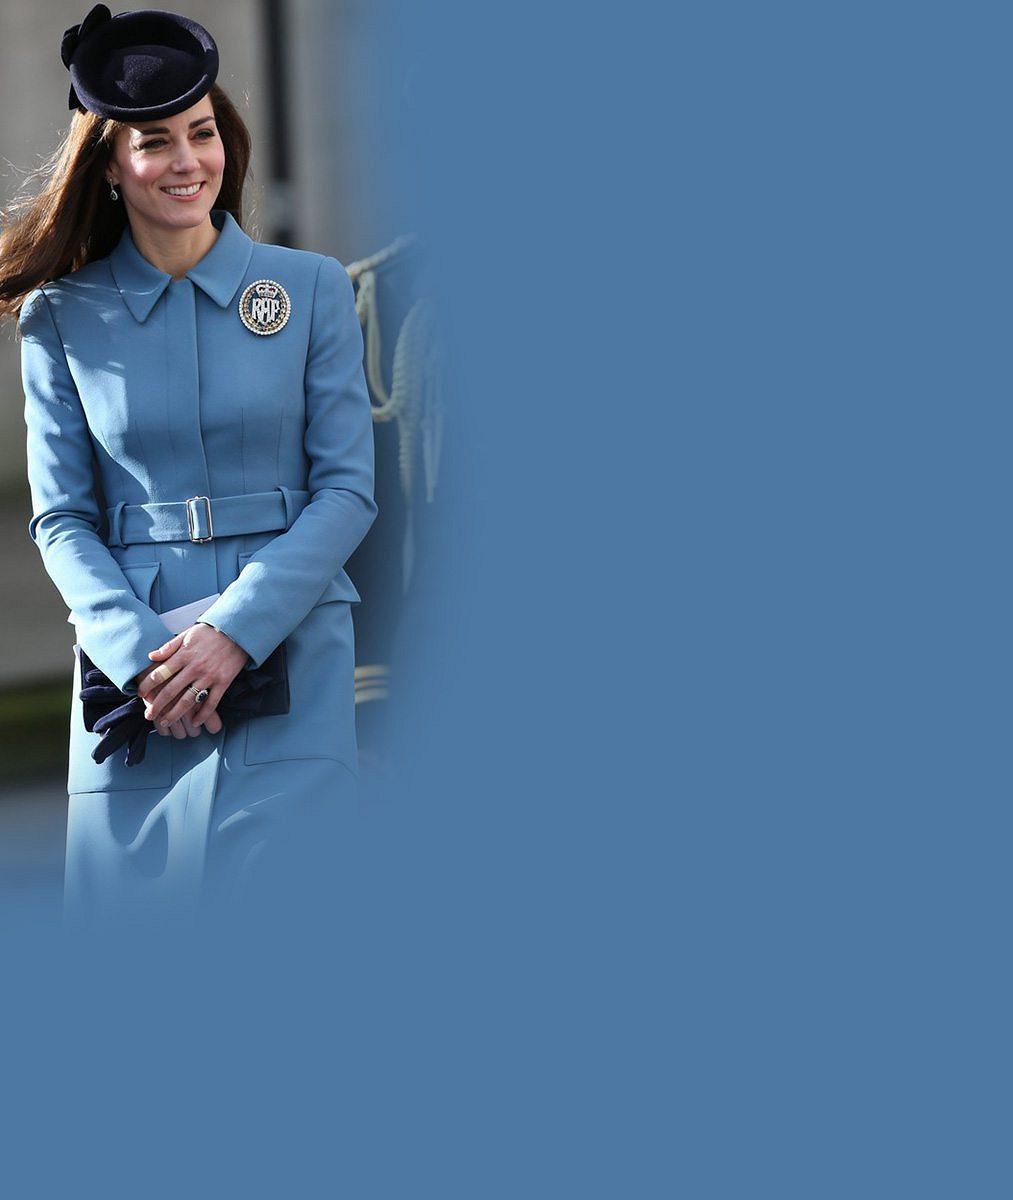 Zimní radovánky dokonalé královské rodinky: William a Kate vzali své děti do Alp